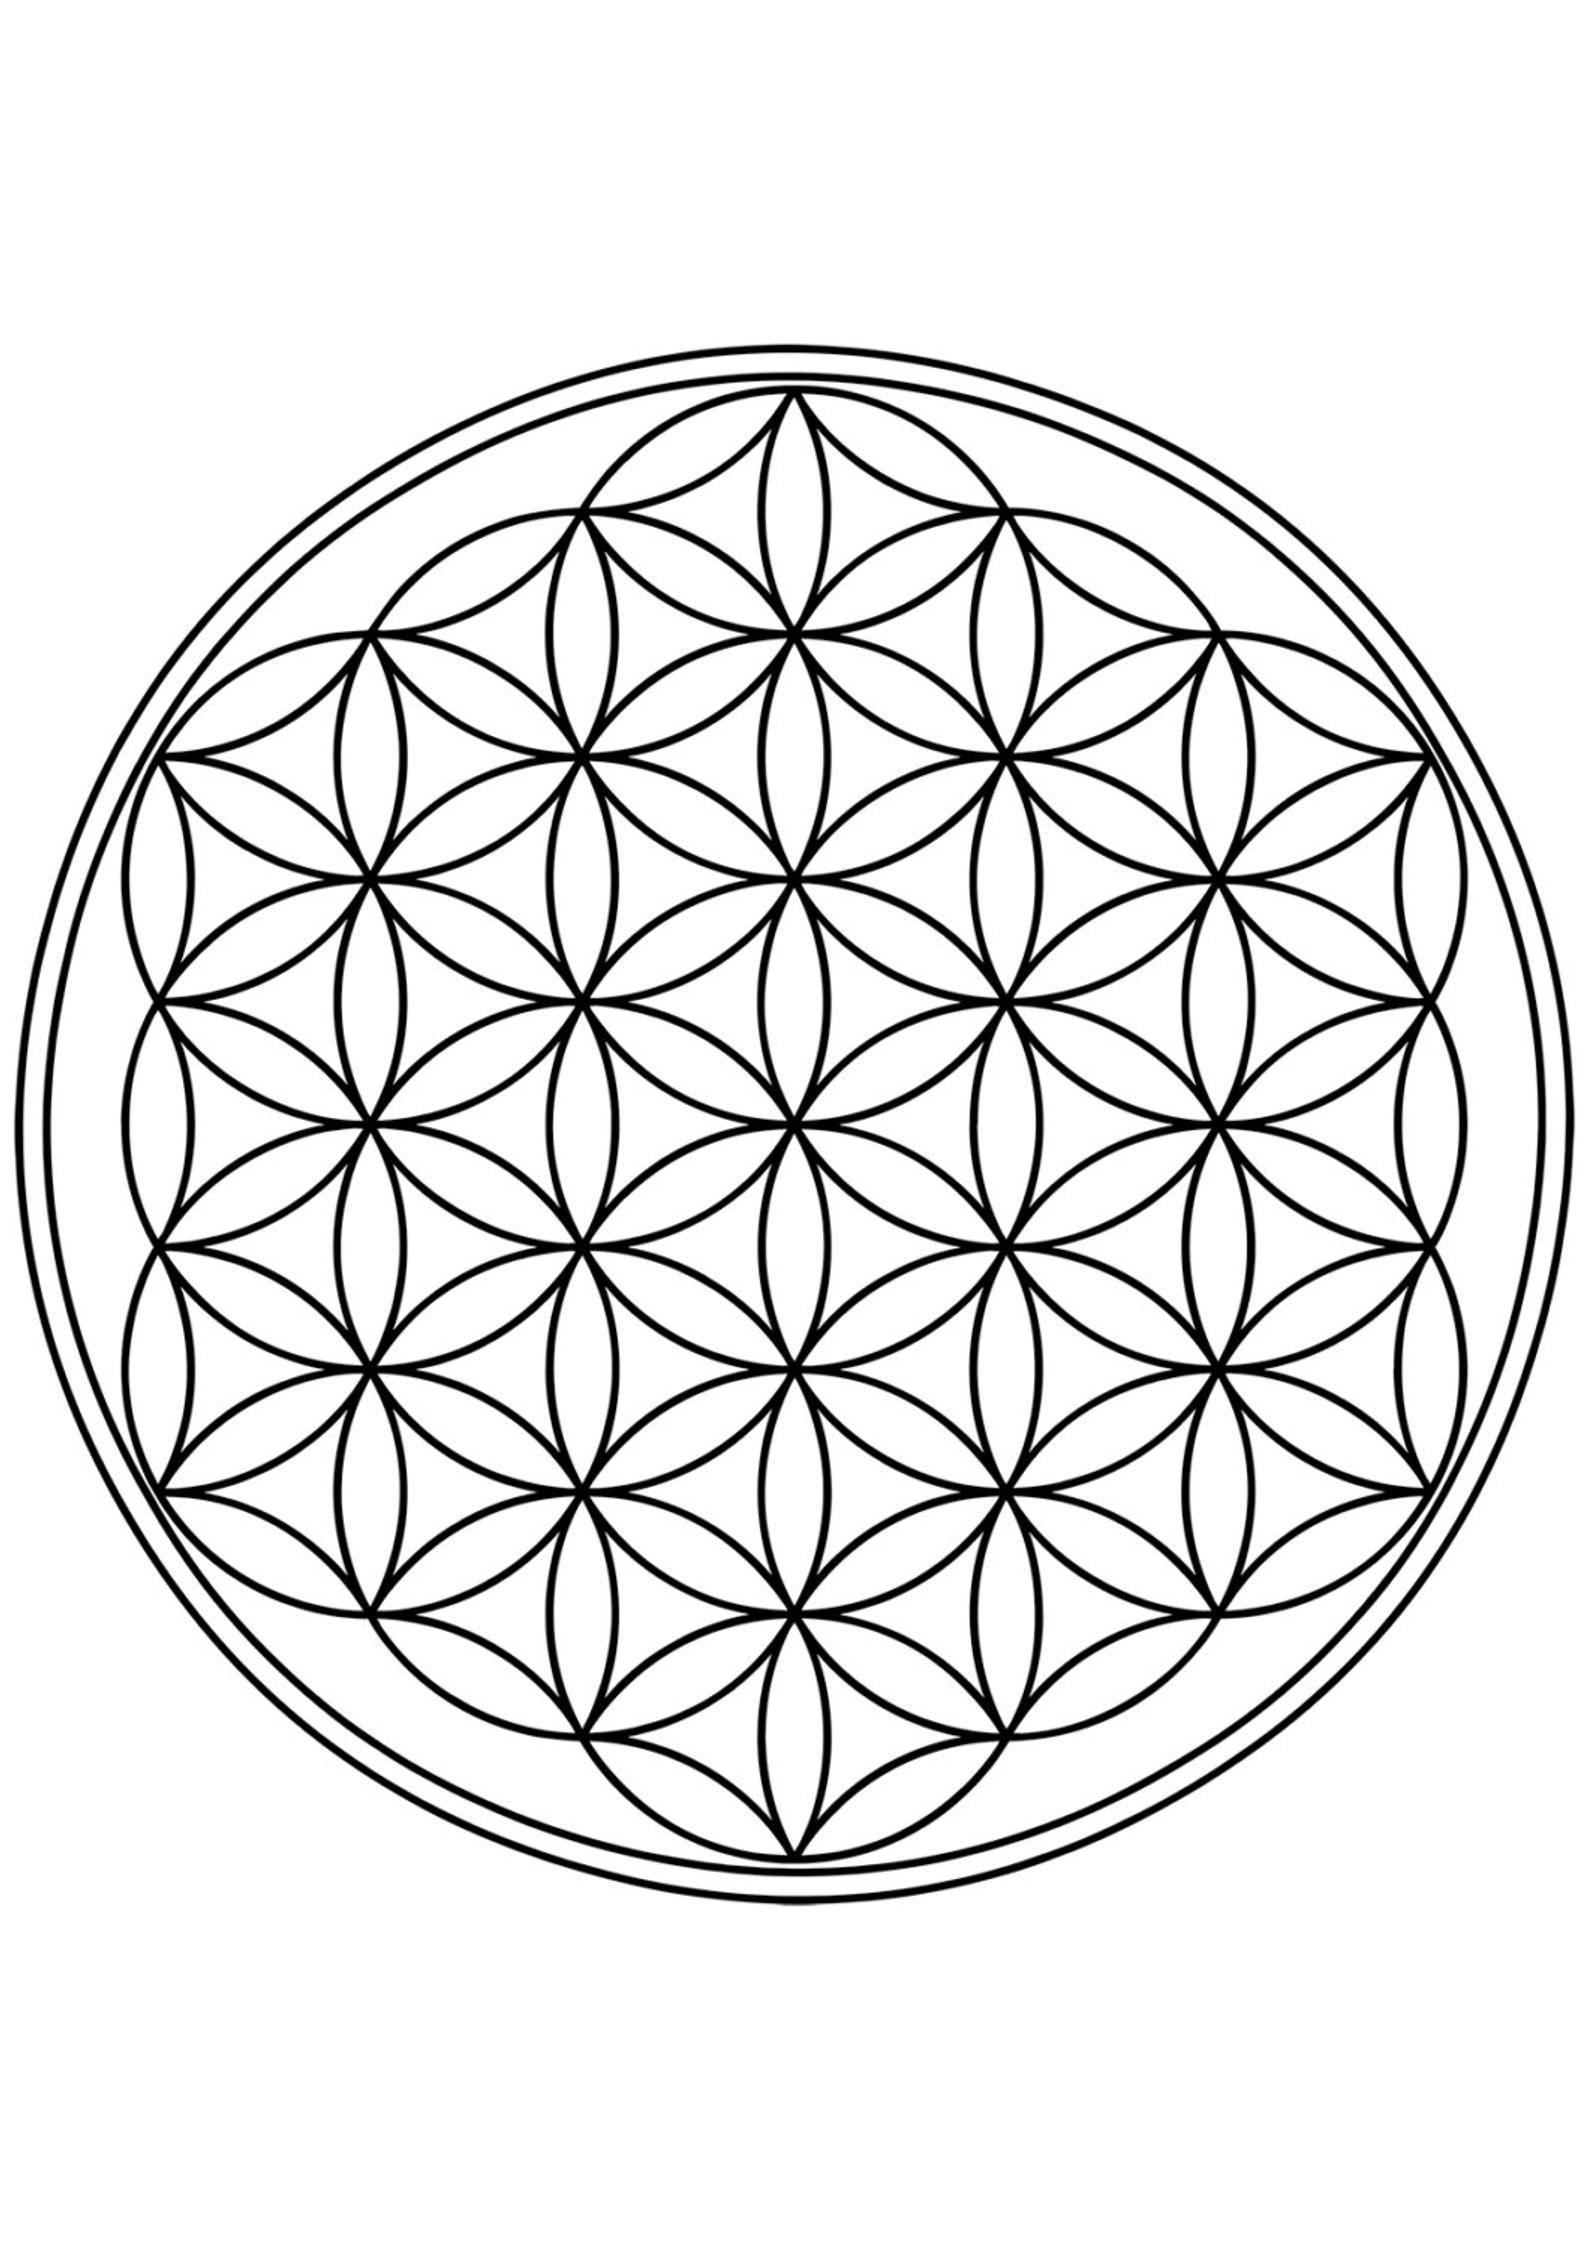 Flower of Life Printable Poster - Sacred Geometry print - Instant download - Flower of life print - Flower of Life Vector - Mandala print